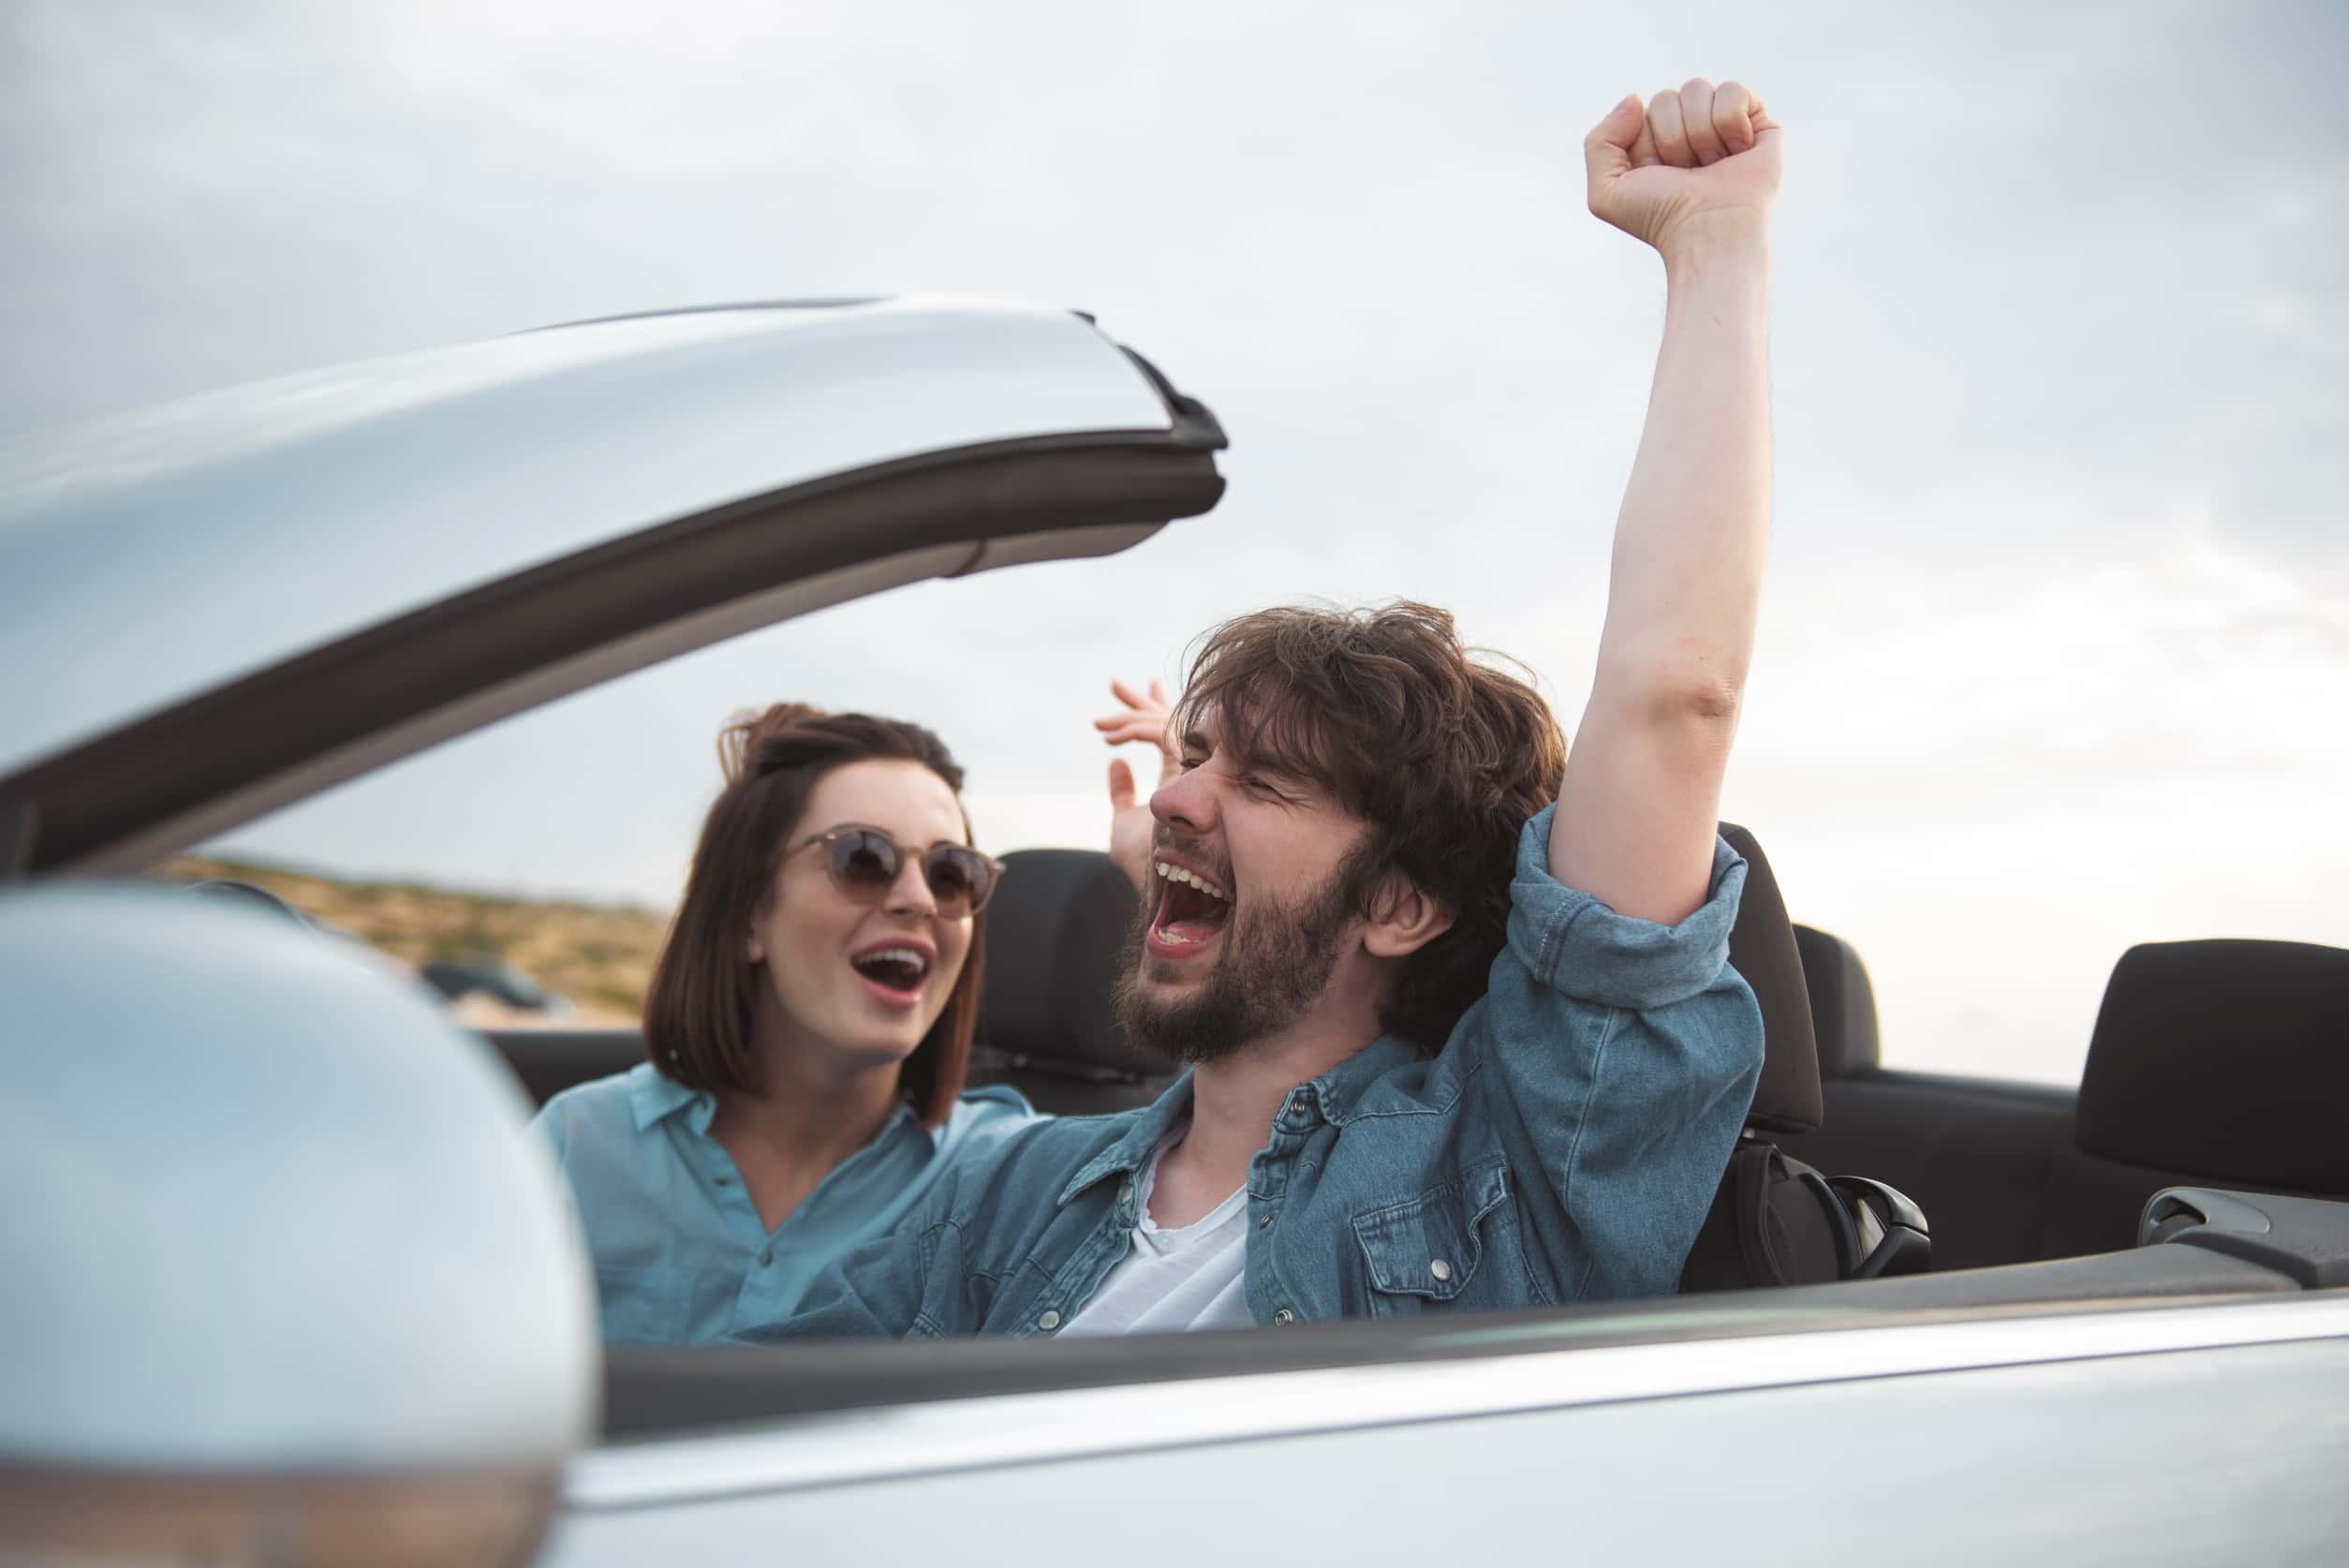 La manera más fácil y económica de comprar tu coche nuevo